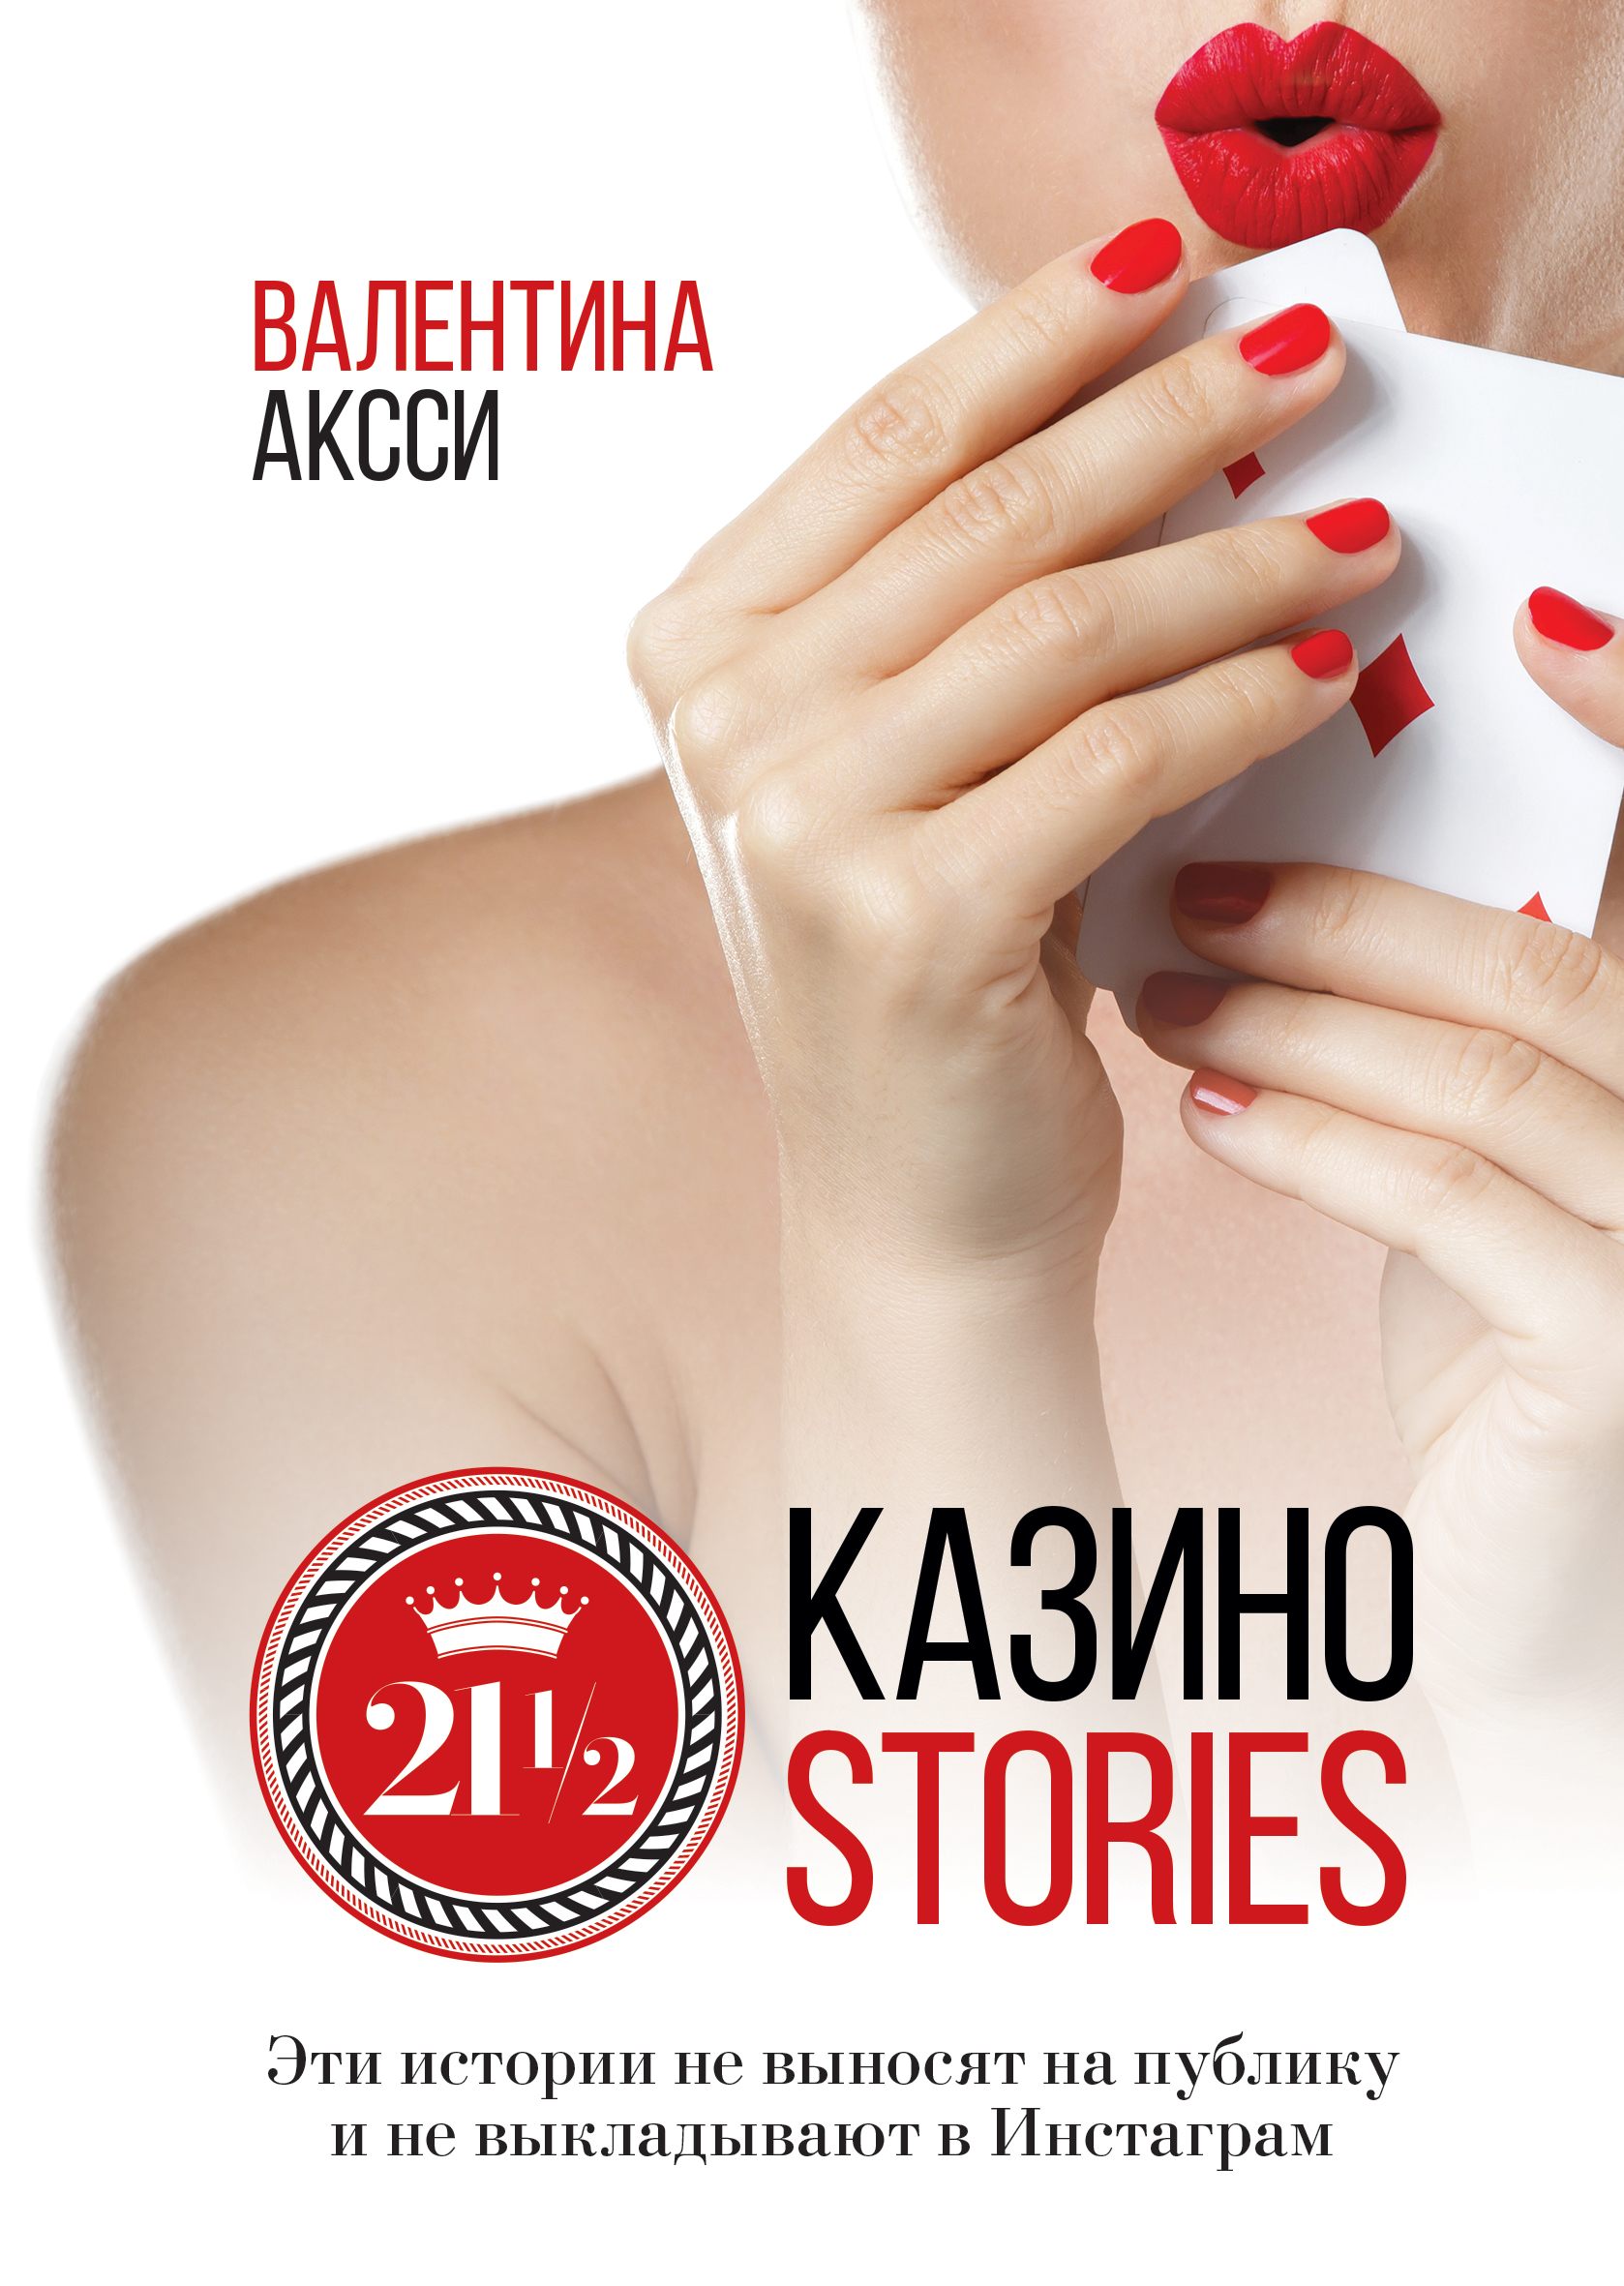 21 1/2 Казино-stories